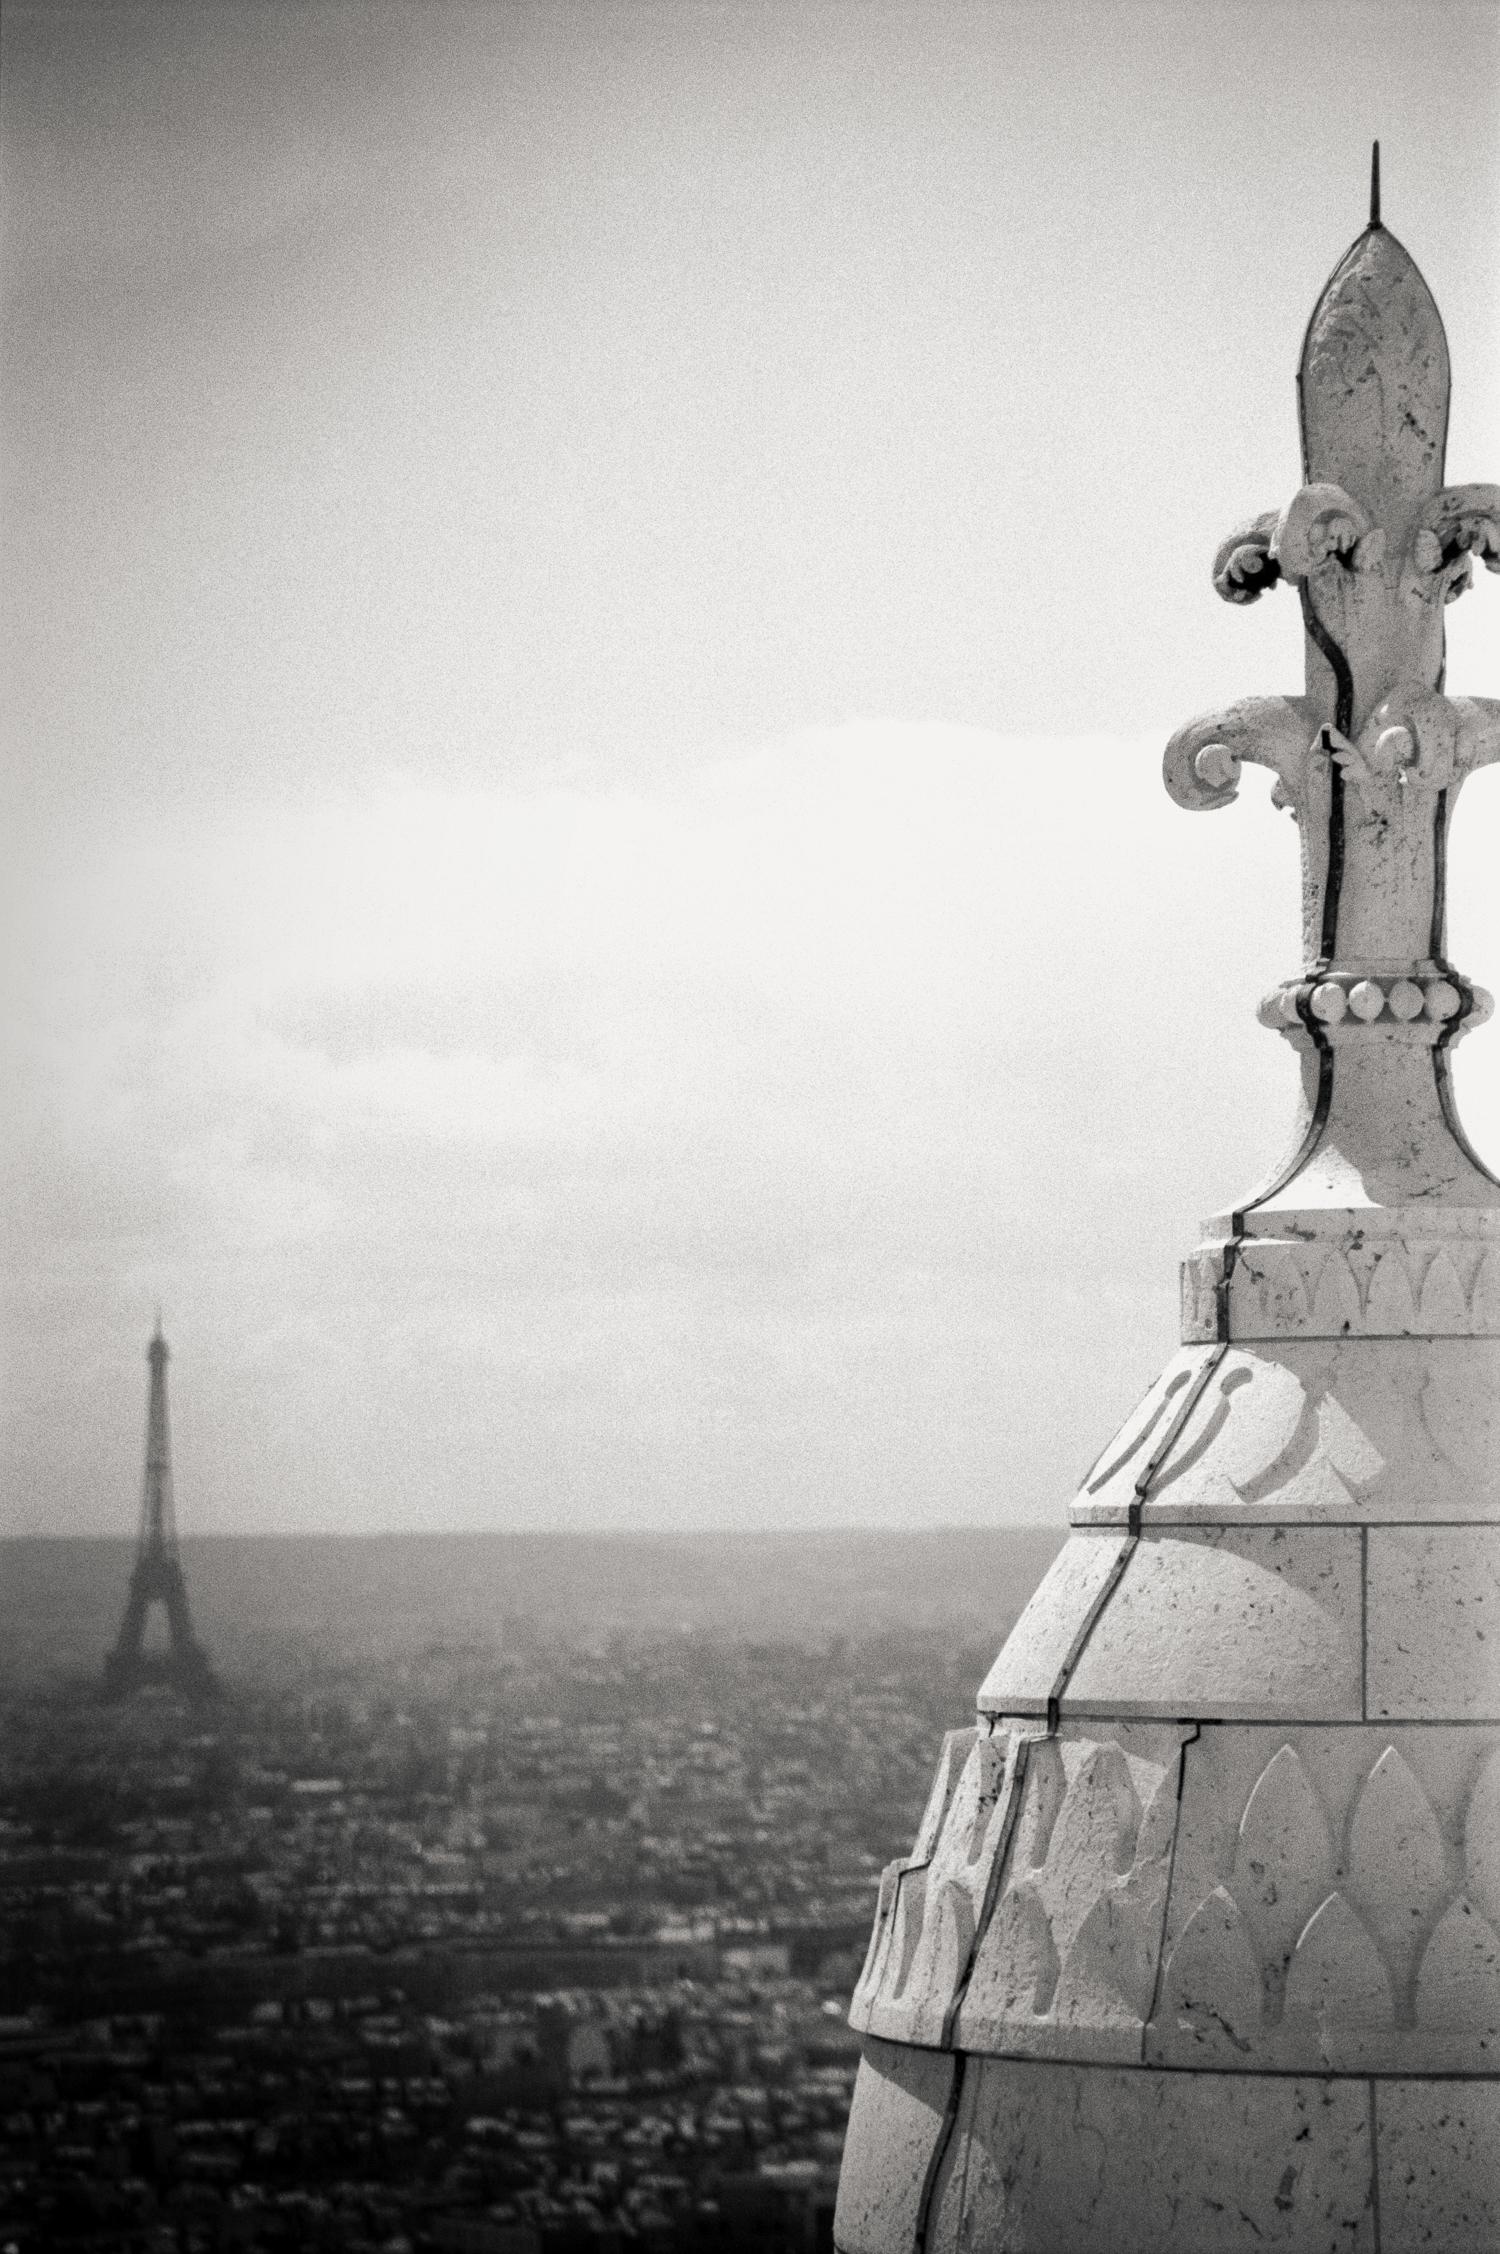 Montmartre, Eiffel Tower, Paris 2014.